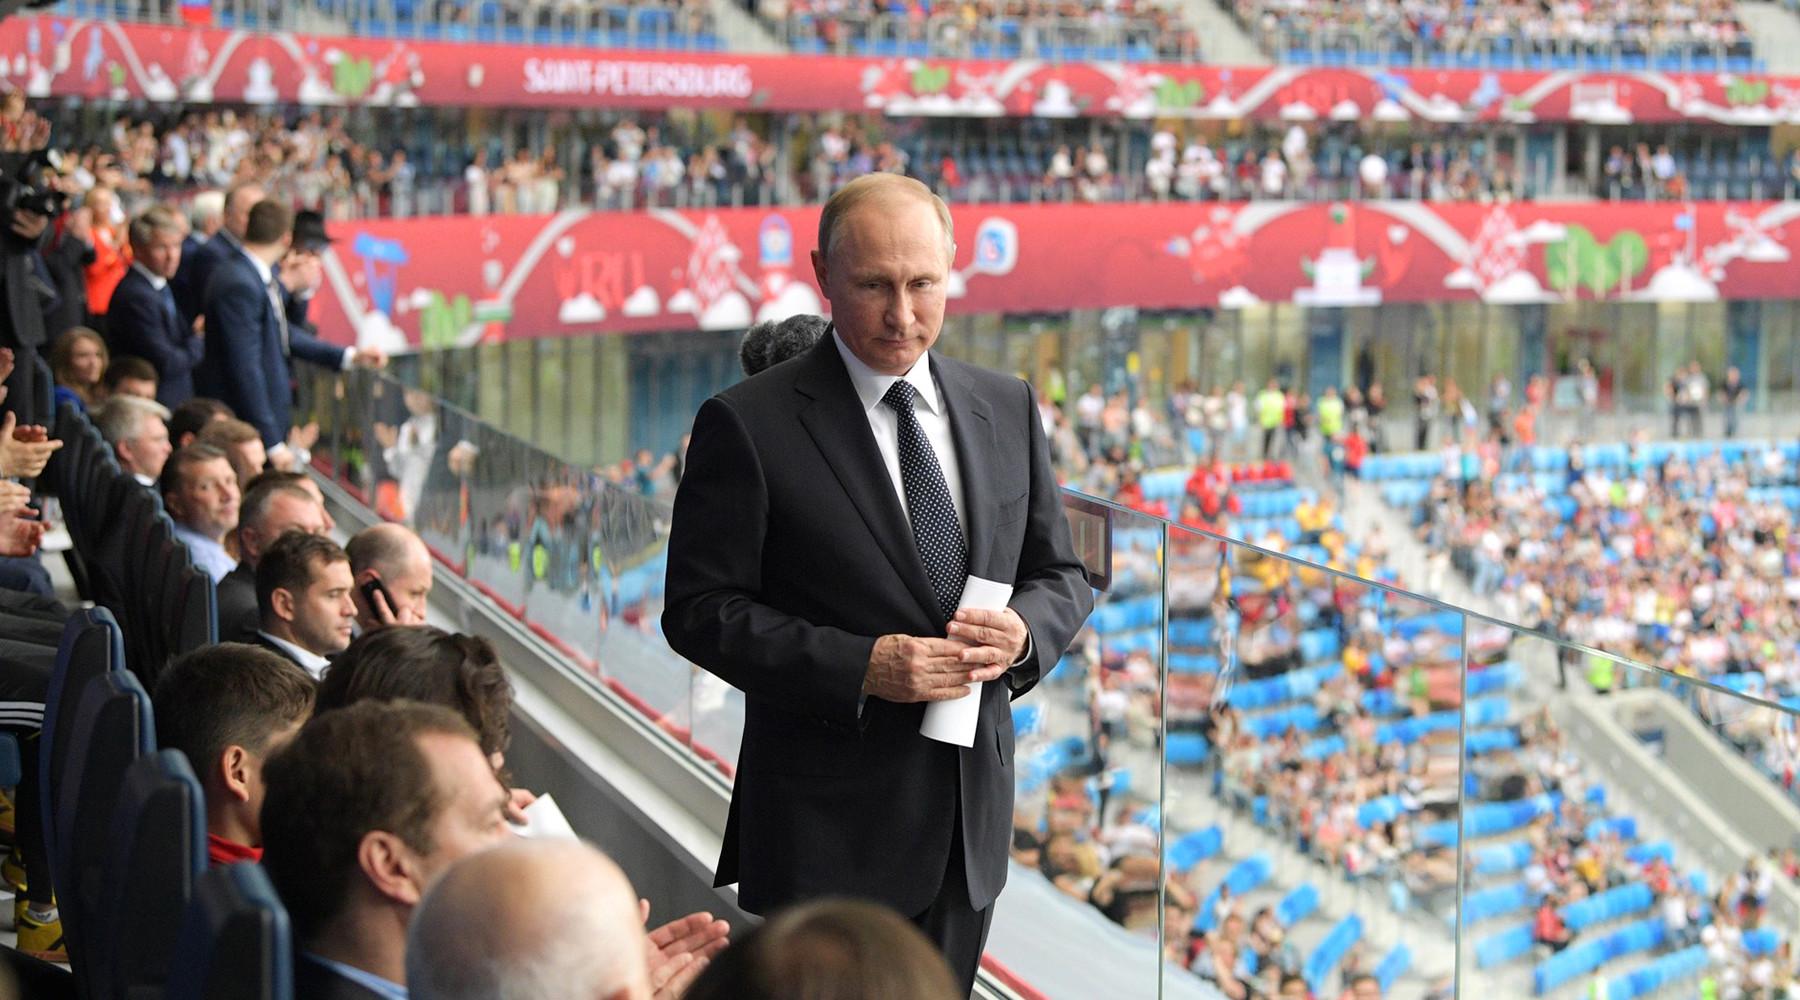 Финал без Путина, 55-летний вратарь вместо Акинфеева и немцы в Петербурге: итоги 15-го дня Кубка конфедераций